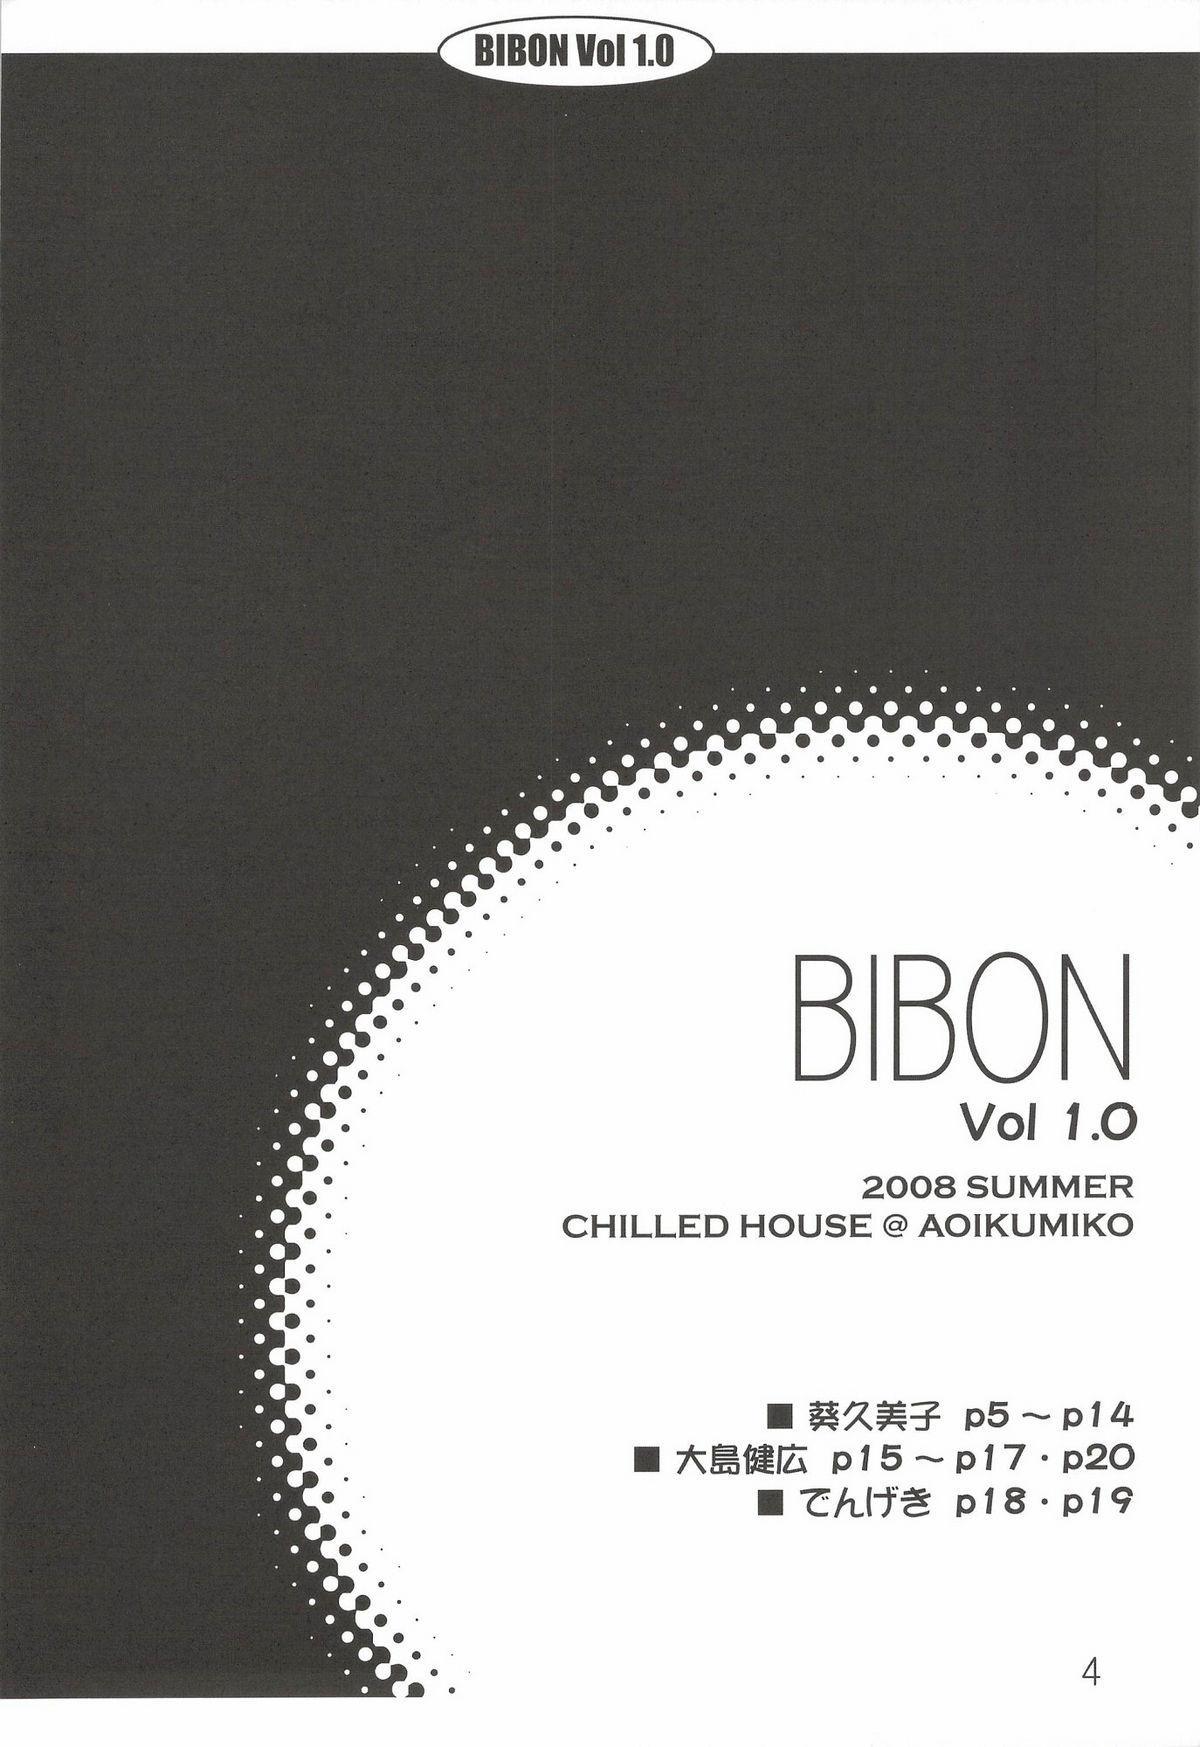 BIBON VOL 1.0 2